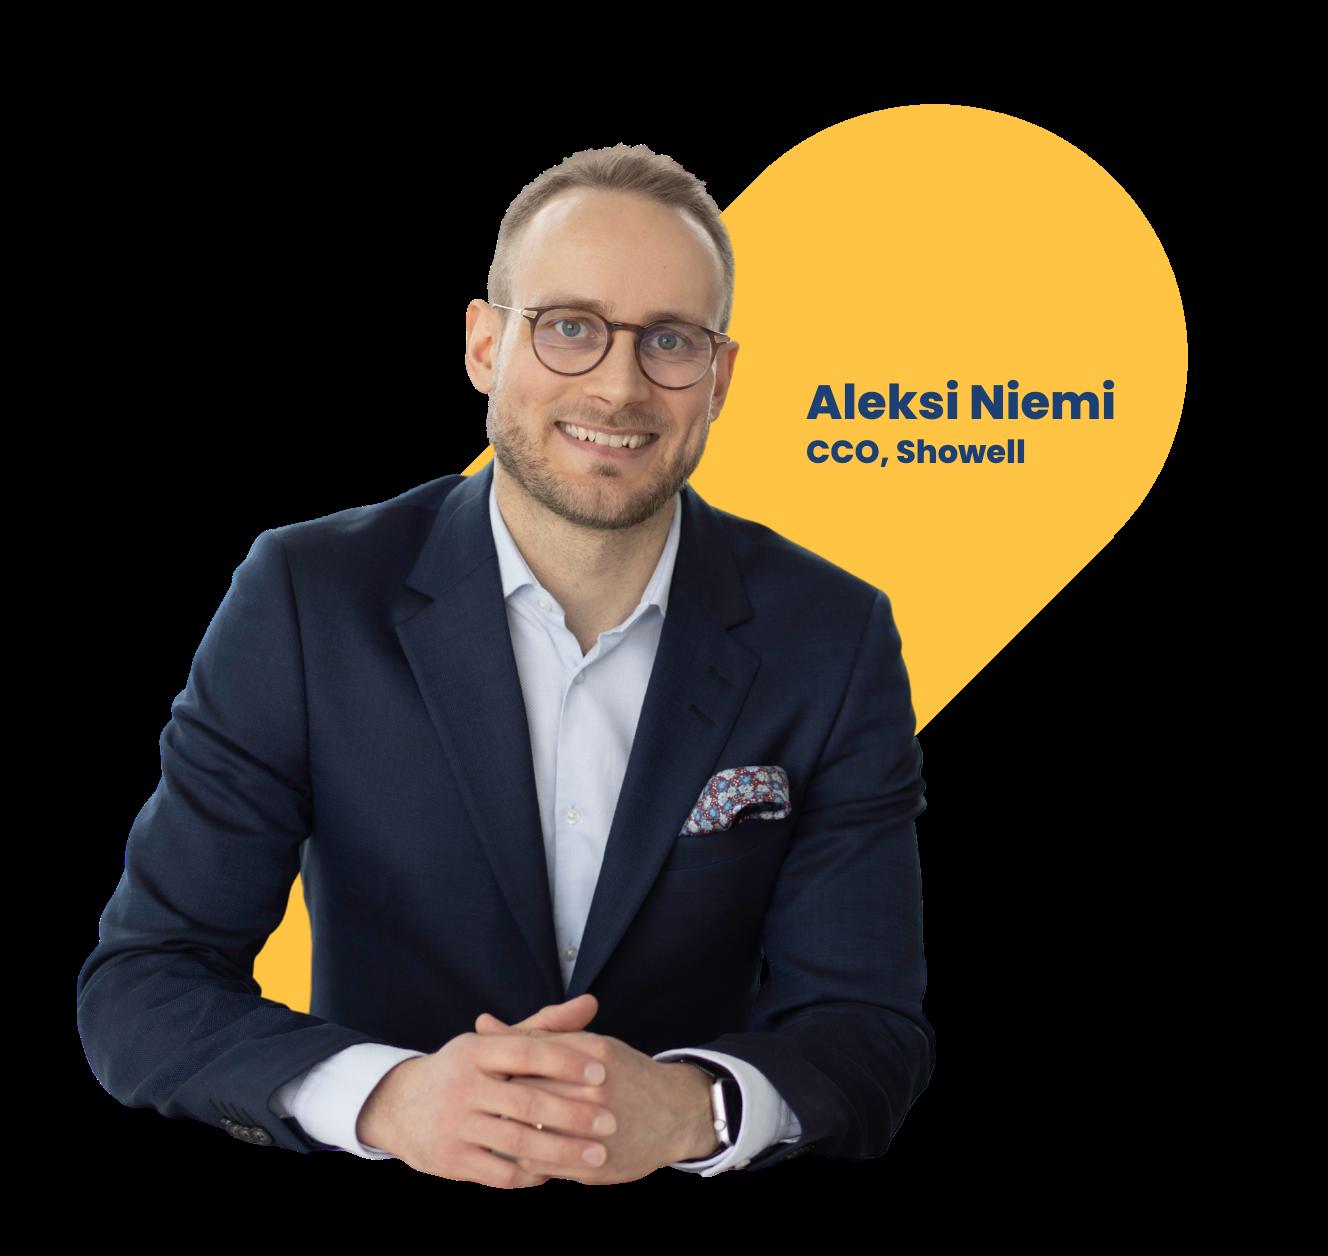 Aleksi Webinar photo